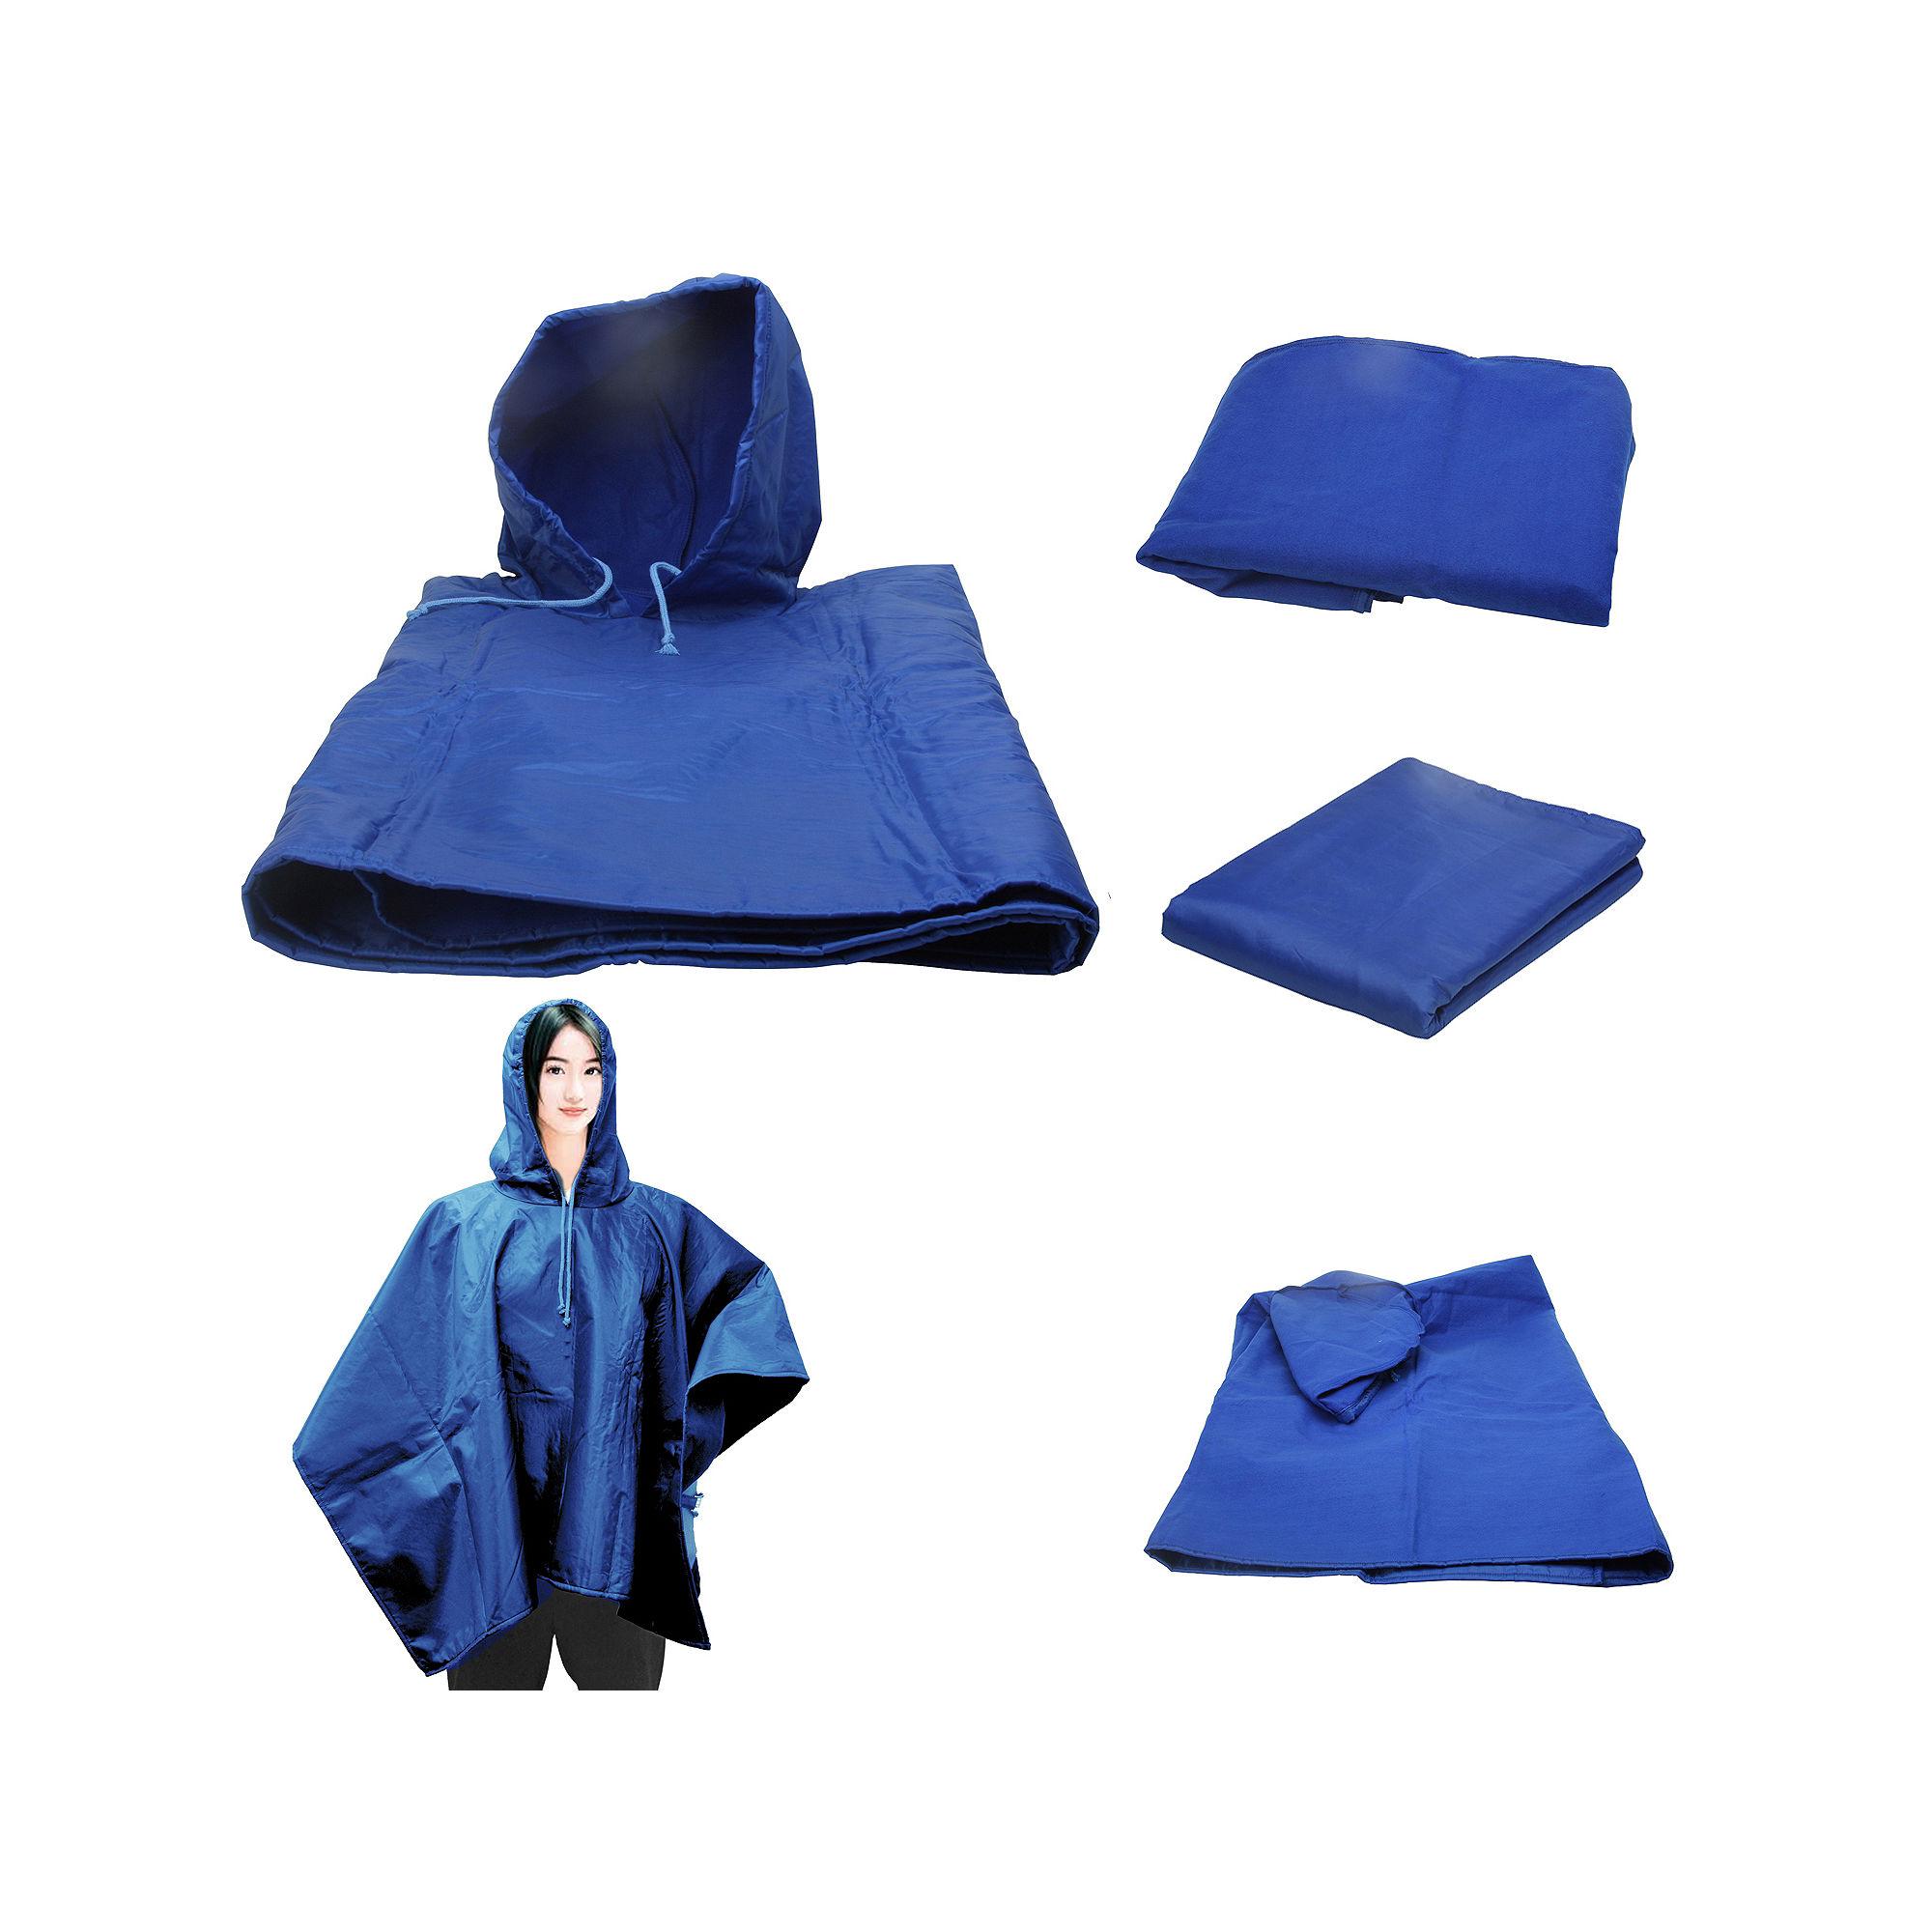 Natico 4 in 1 Travel Blanket